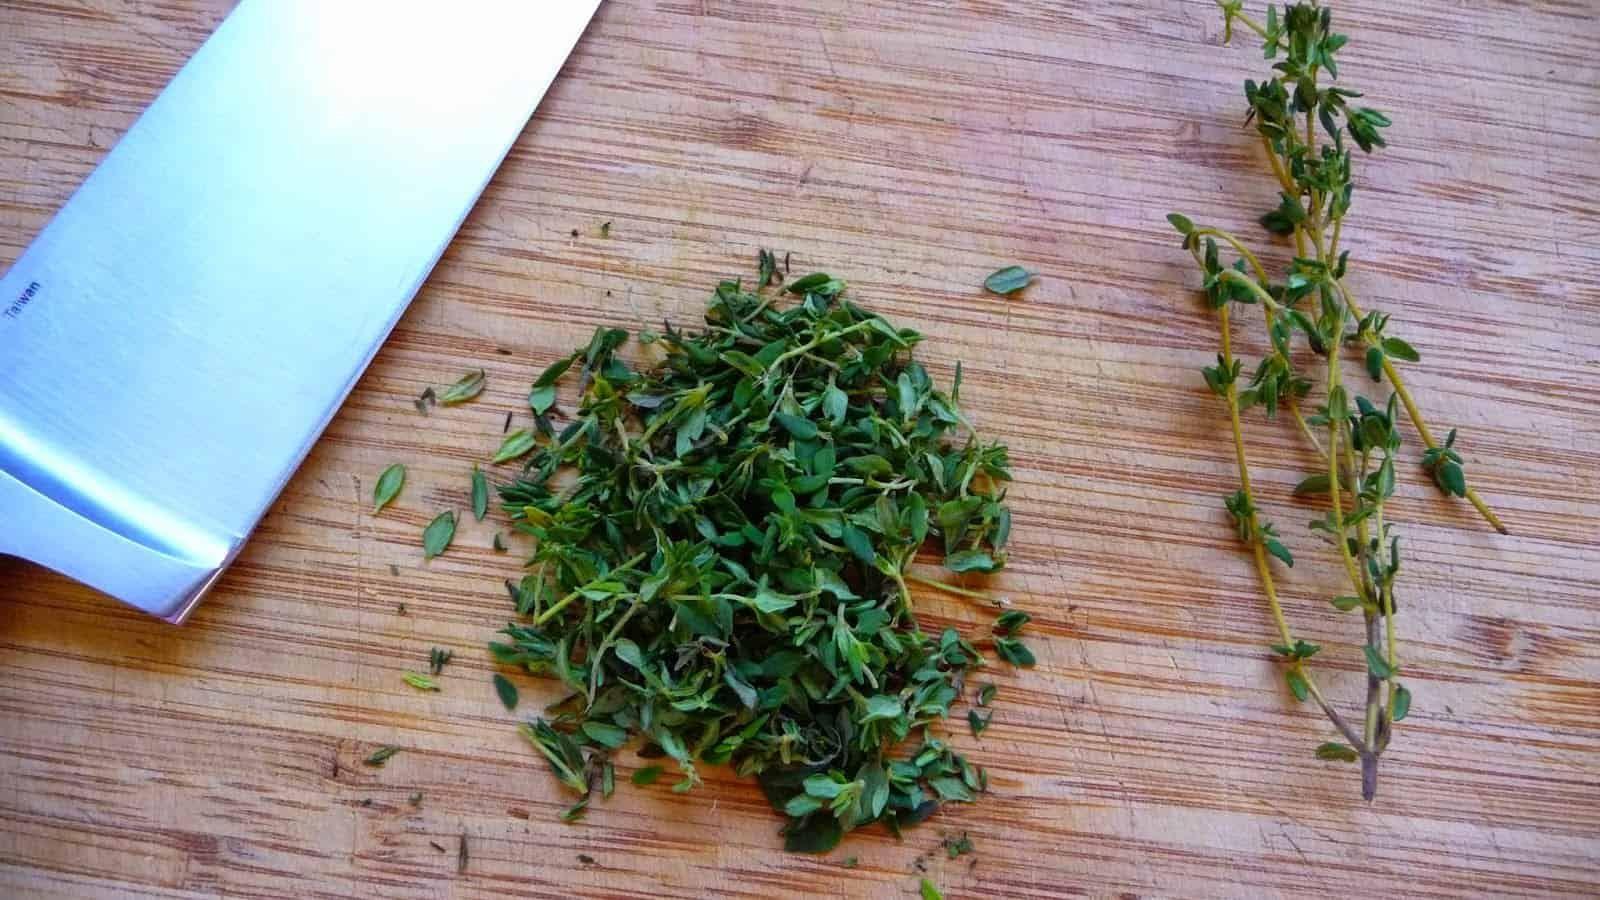 موسوعة فوائد الزعتر الصحية موسوعة How To Dry Basil Natural Medicine Health